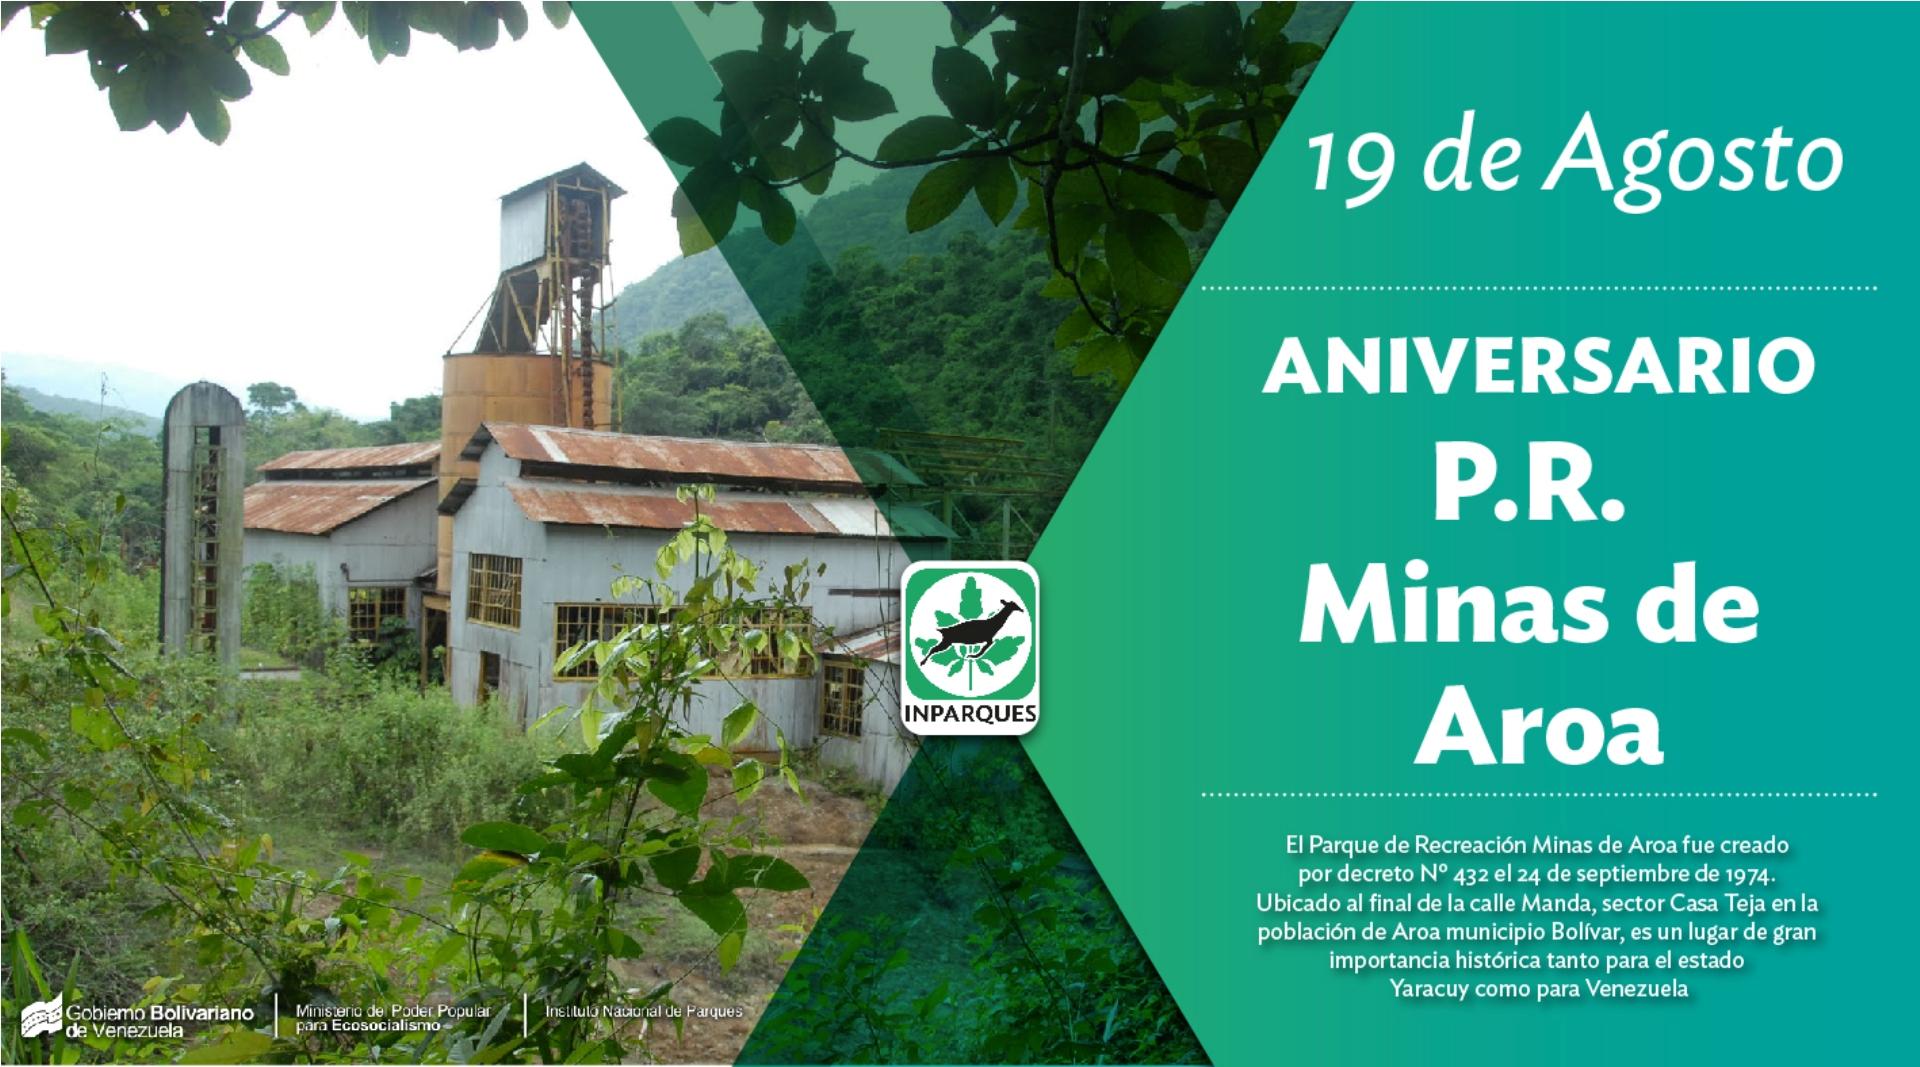 Parque Recreacional Bolivariano Minas de Aroa cumple 41 años al servicio del pueblo